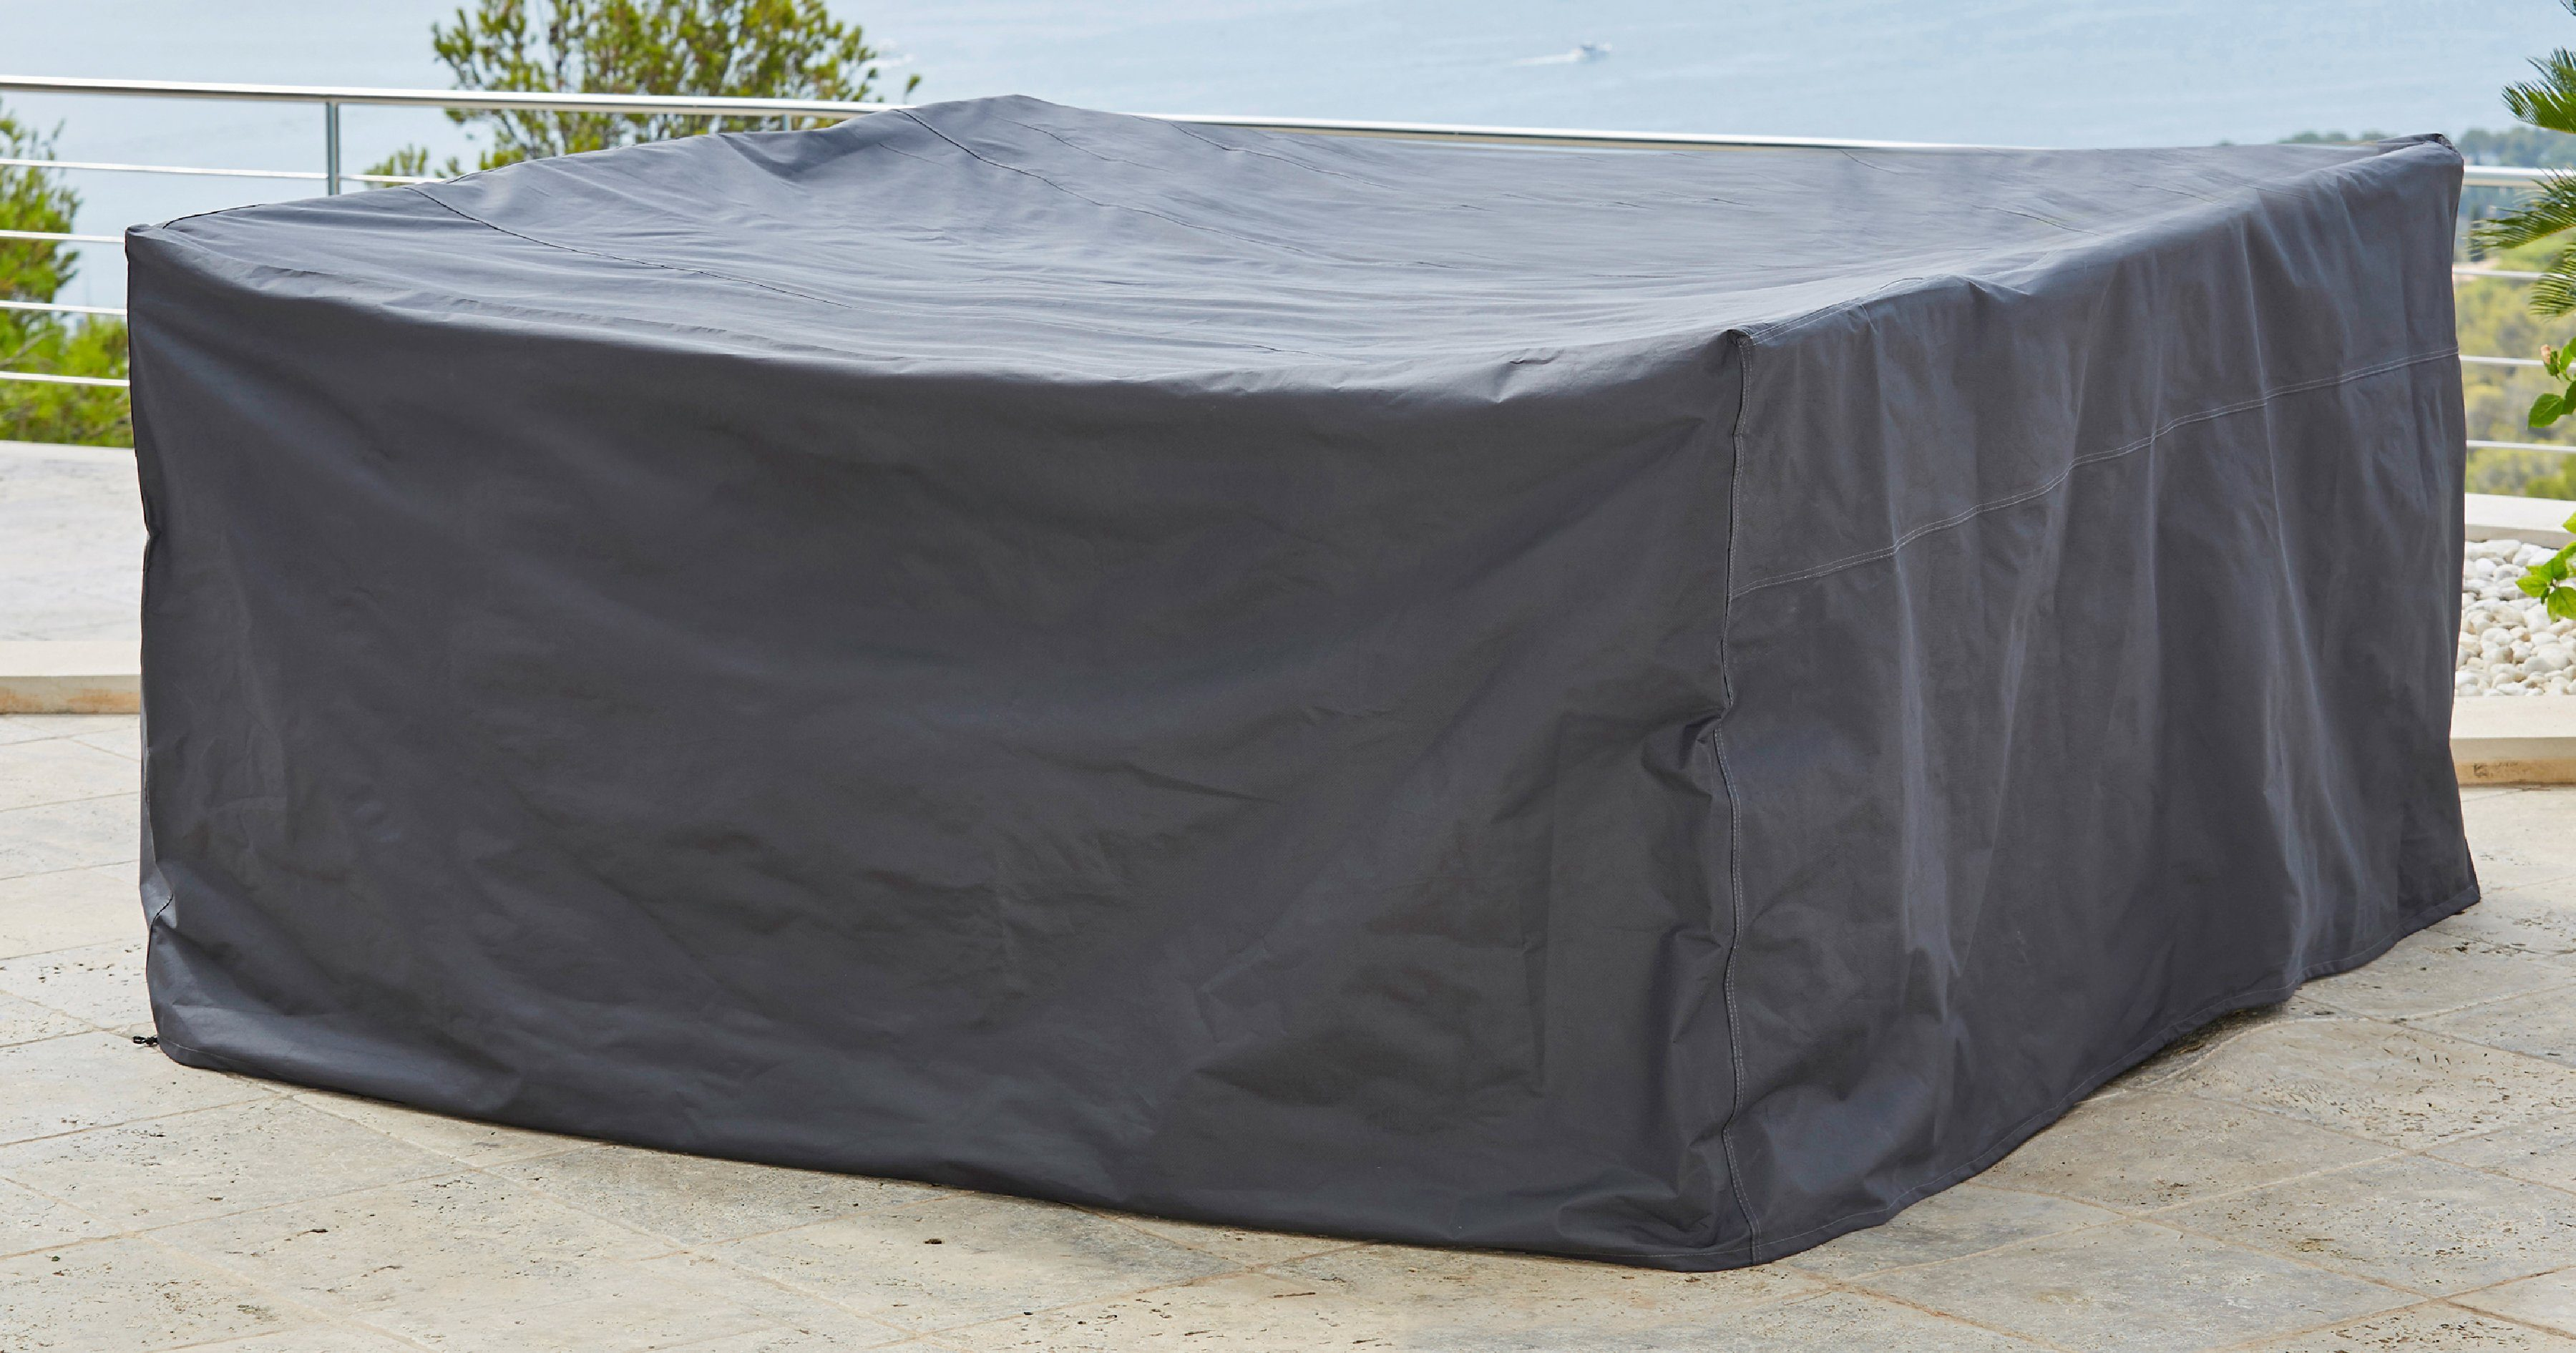 Neu Gartenmöbel Schutzhülle kaufen » Abdeckung & Abdeckhaube | OTTO XY15